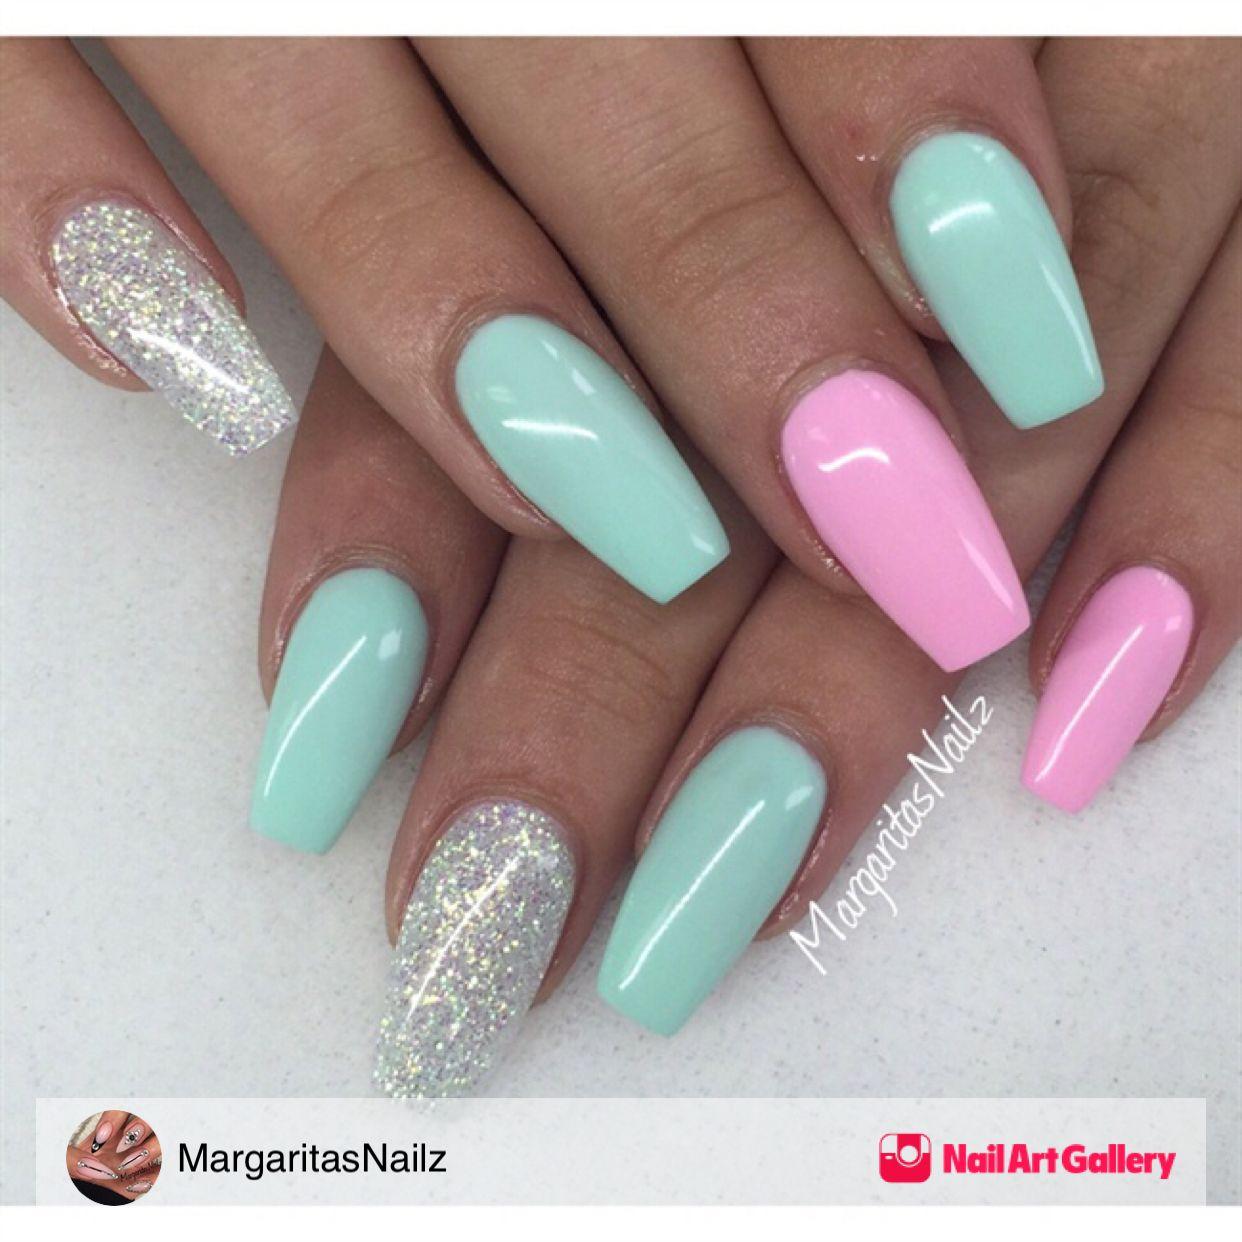 Summer Nails By Margaritasnailz Via Nail Art Gallery Nailartgallery